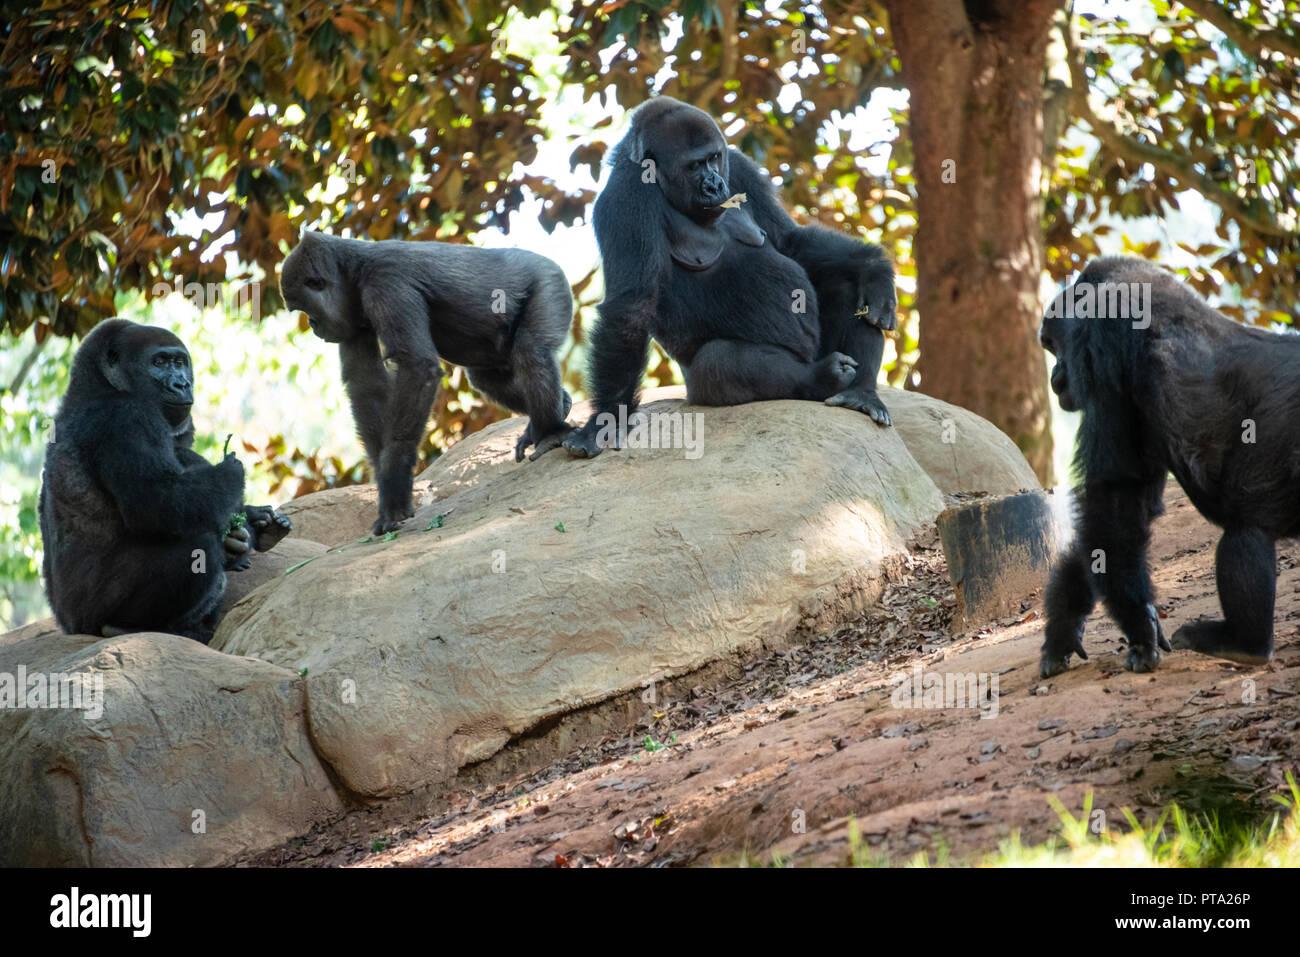 Western lowland gorillas at Zoo Atlanta near downtown Atlanta, Georgia. (USA) - Stock Image